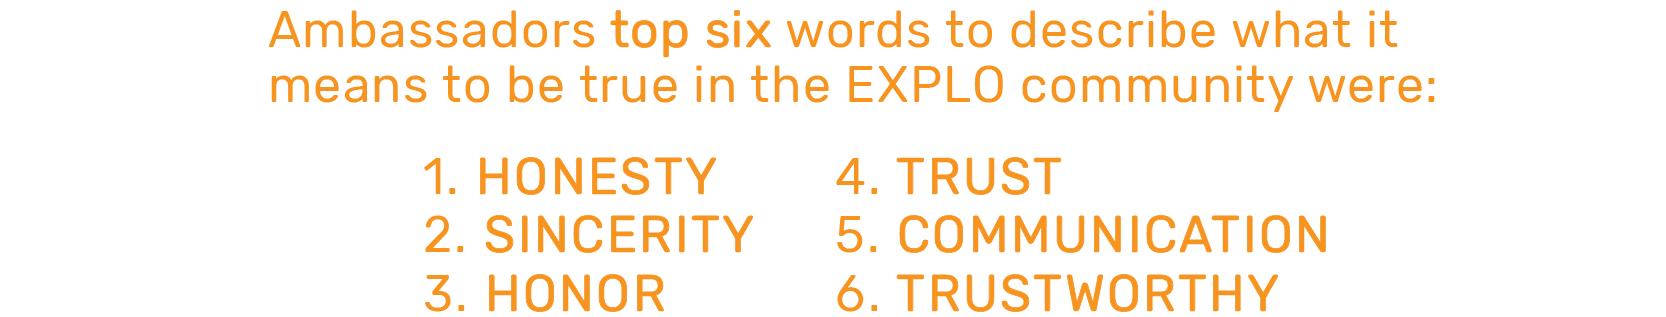 blog-pillar-true-quote-03